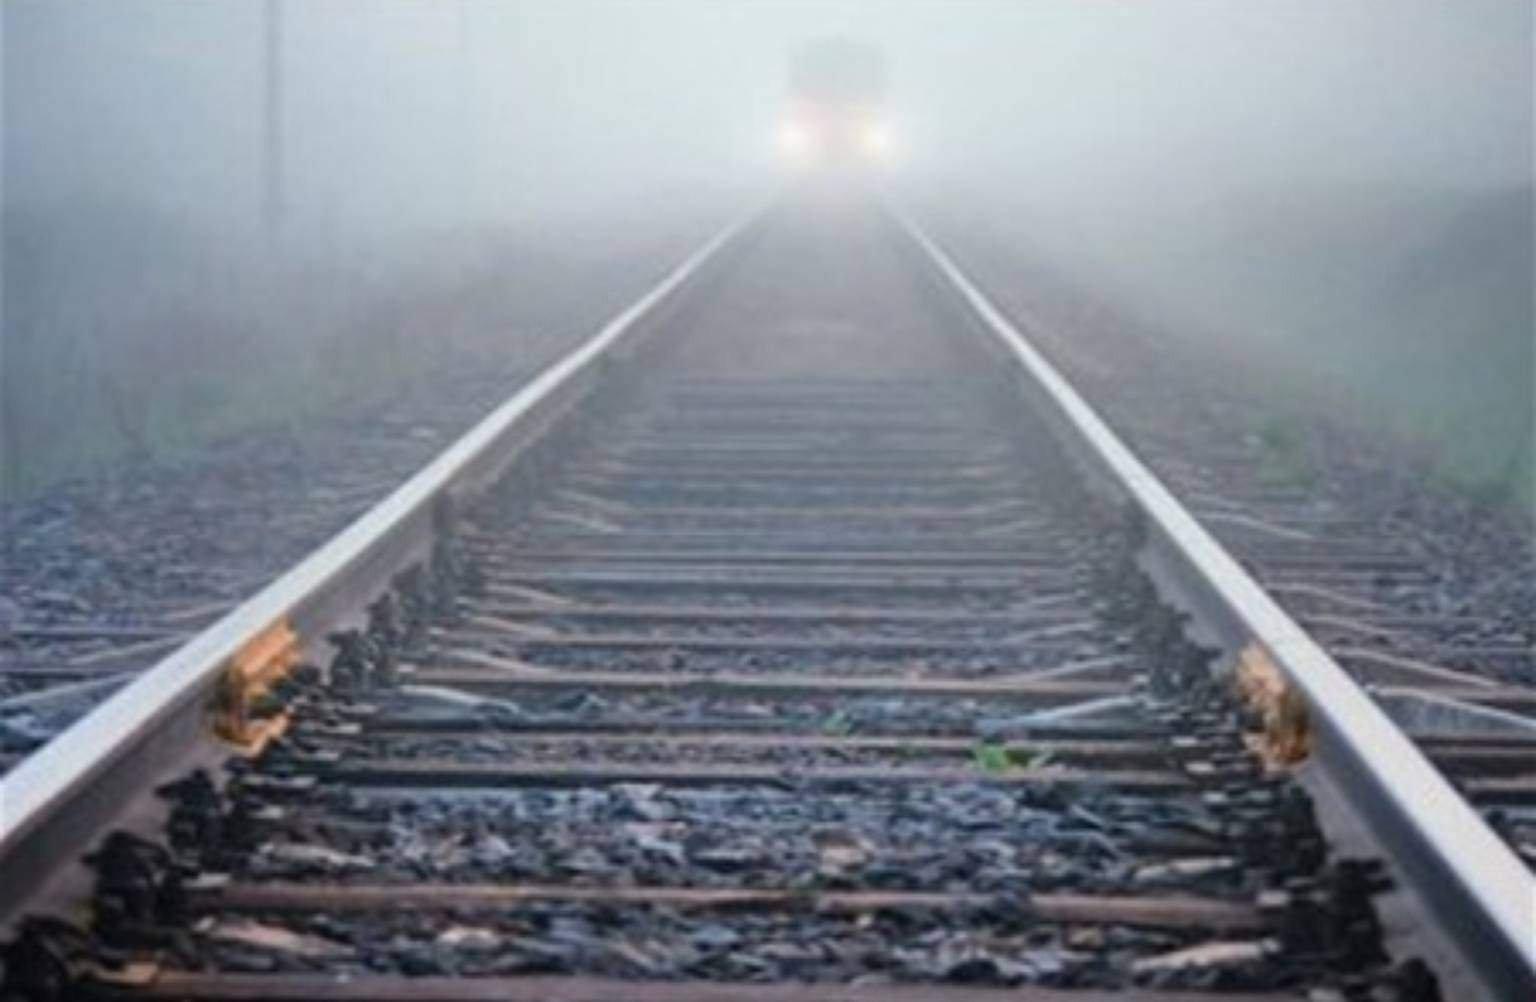 Электропоезд сбил мужчину врайоне станции Выхино в столицеРФ